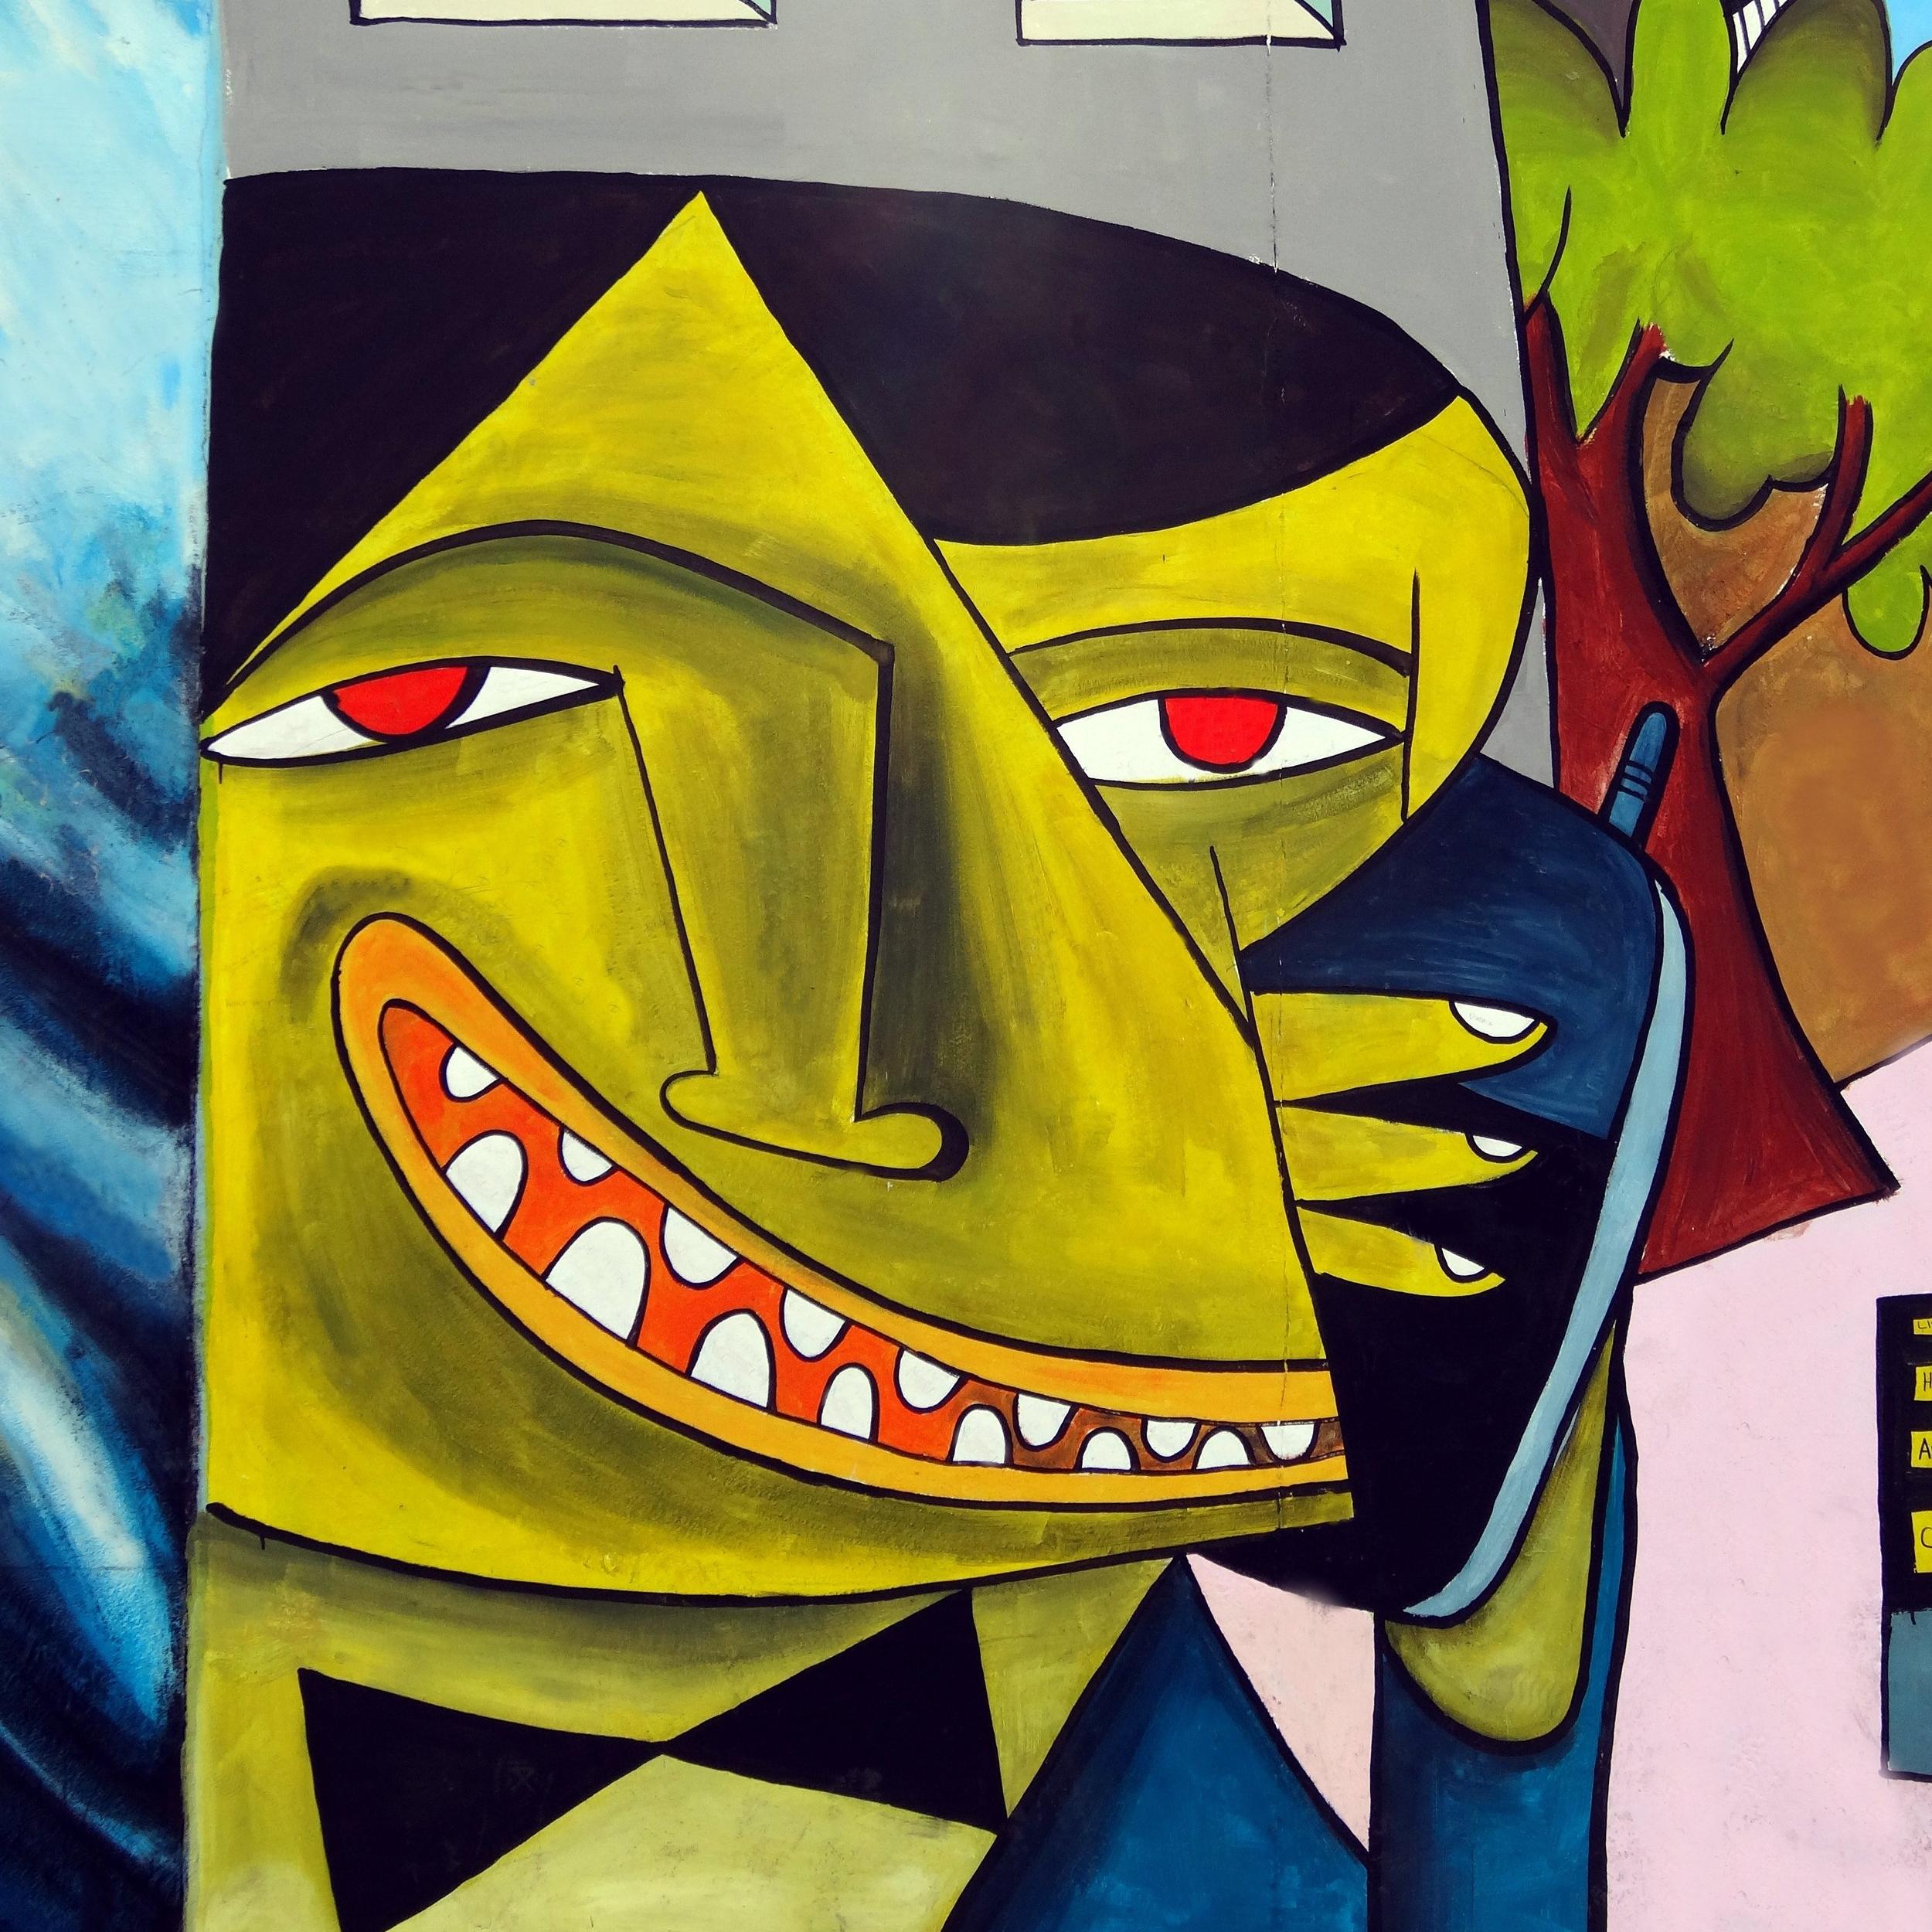 graffiti-phone.jpg